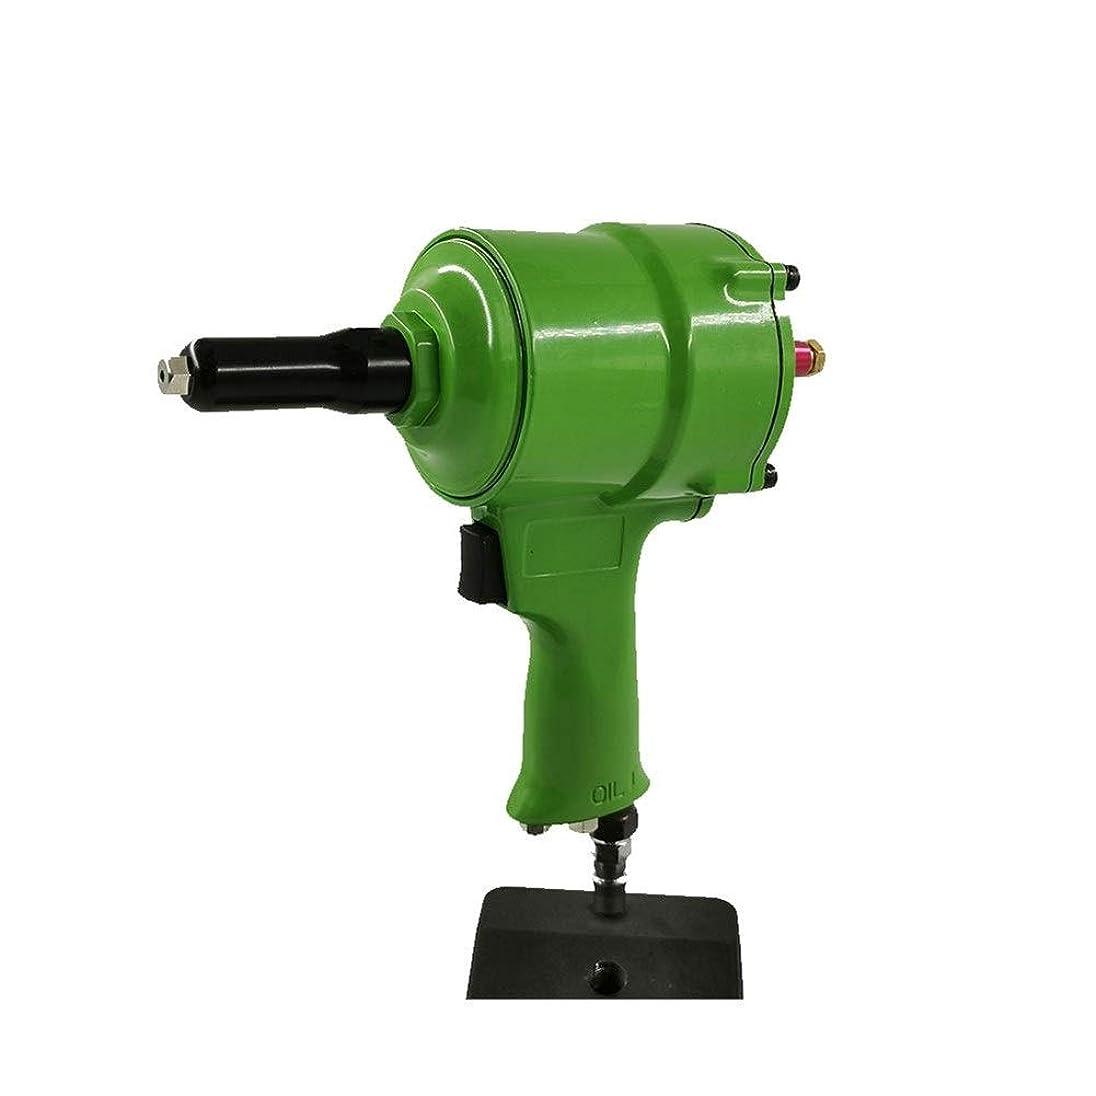 誇り悲観主義者積分エア工具 ハンドツール 自吸式エアガンタイプリベットガン、ネイルガン空気圧ツール工業用グレードハンドツール (Color : Green)